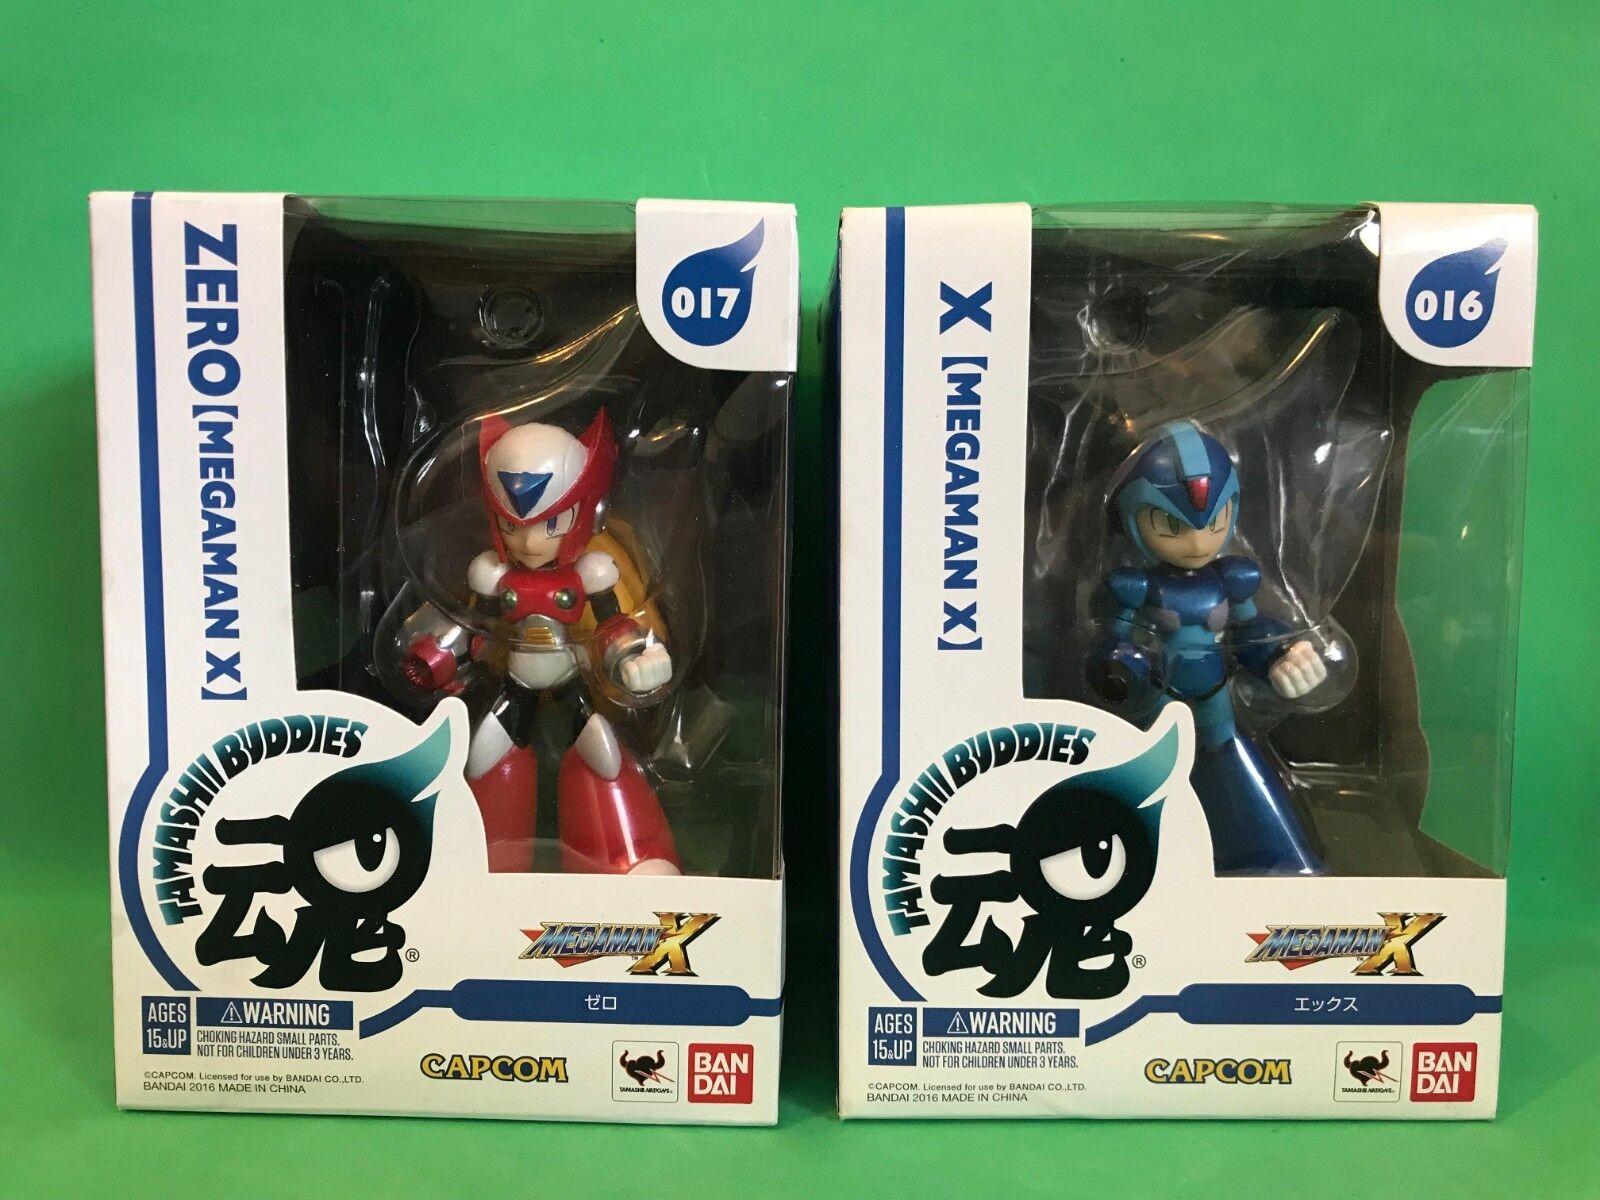 ZERO & X Megaman Megaman Megaman X Bandai Tamashi Buddies NEW NIB RARE   19bbde